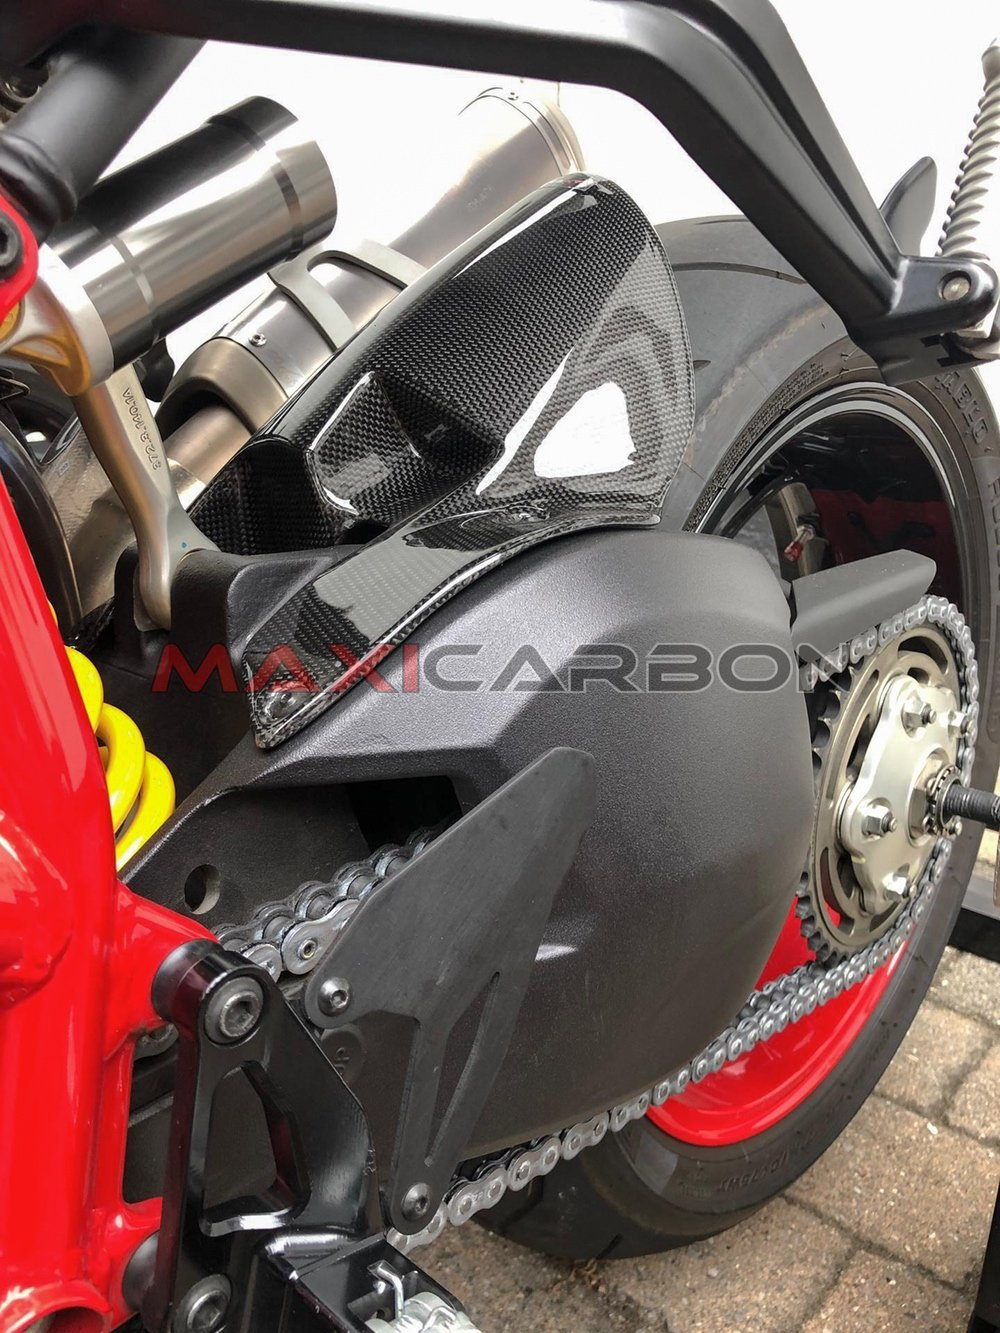 Parafango posteriore in carbonio per Ducati Streetfighter